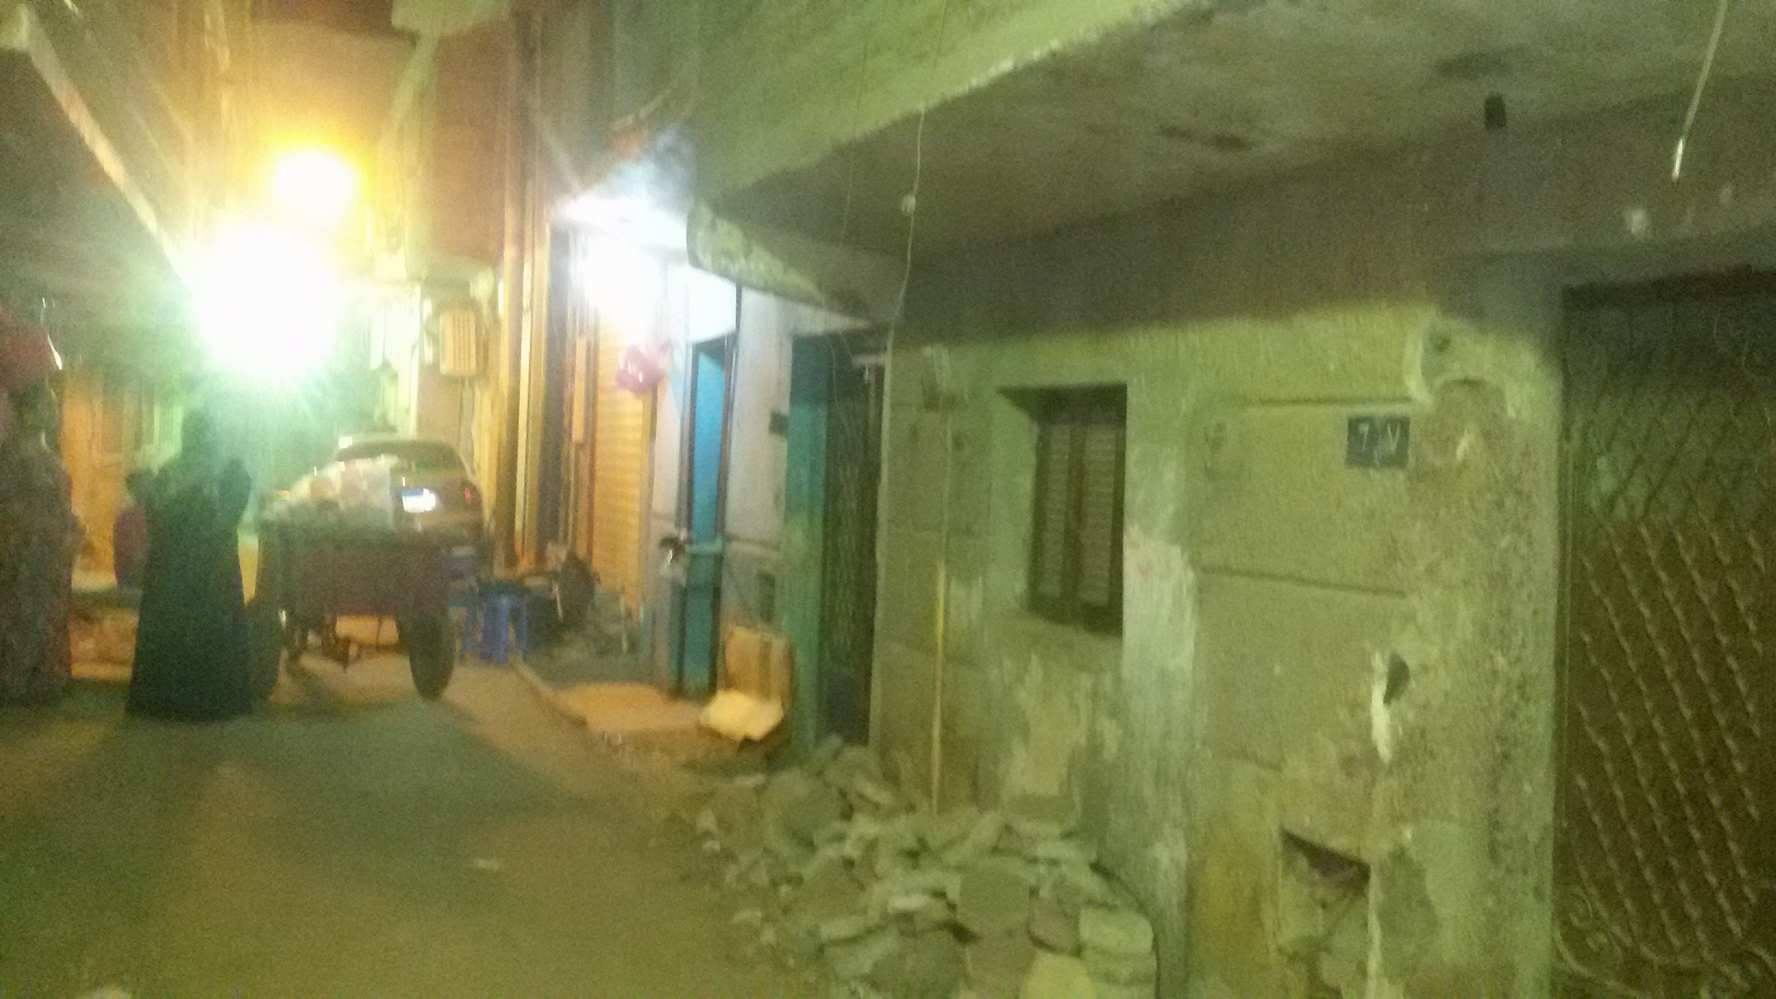 المقاول يزيل سنادات منازل الوراق الآيلة للسقوط الحى مدنيش فلوسى (3)